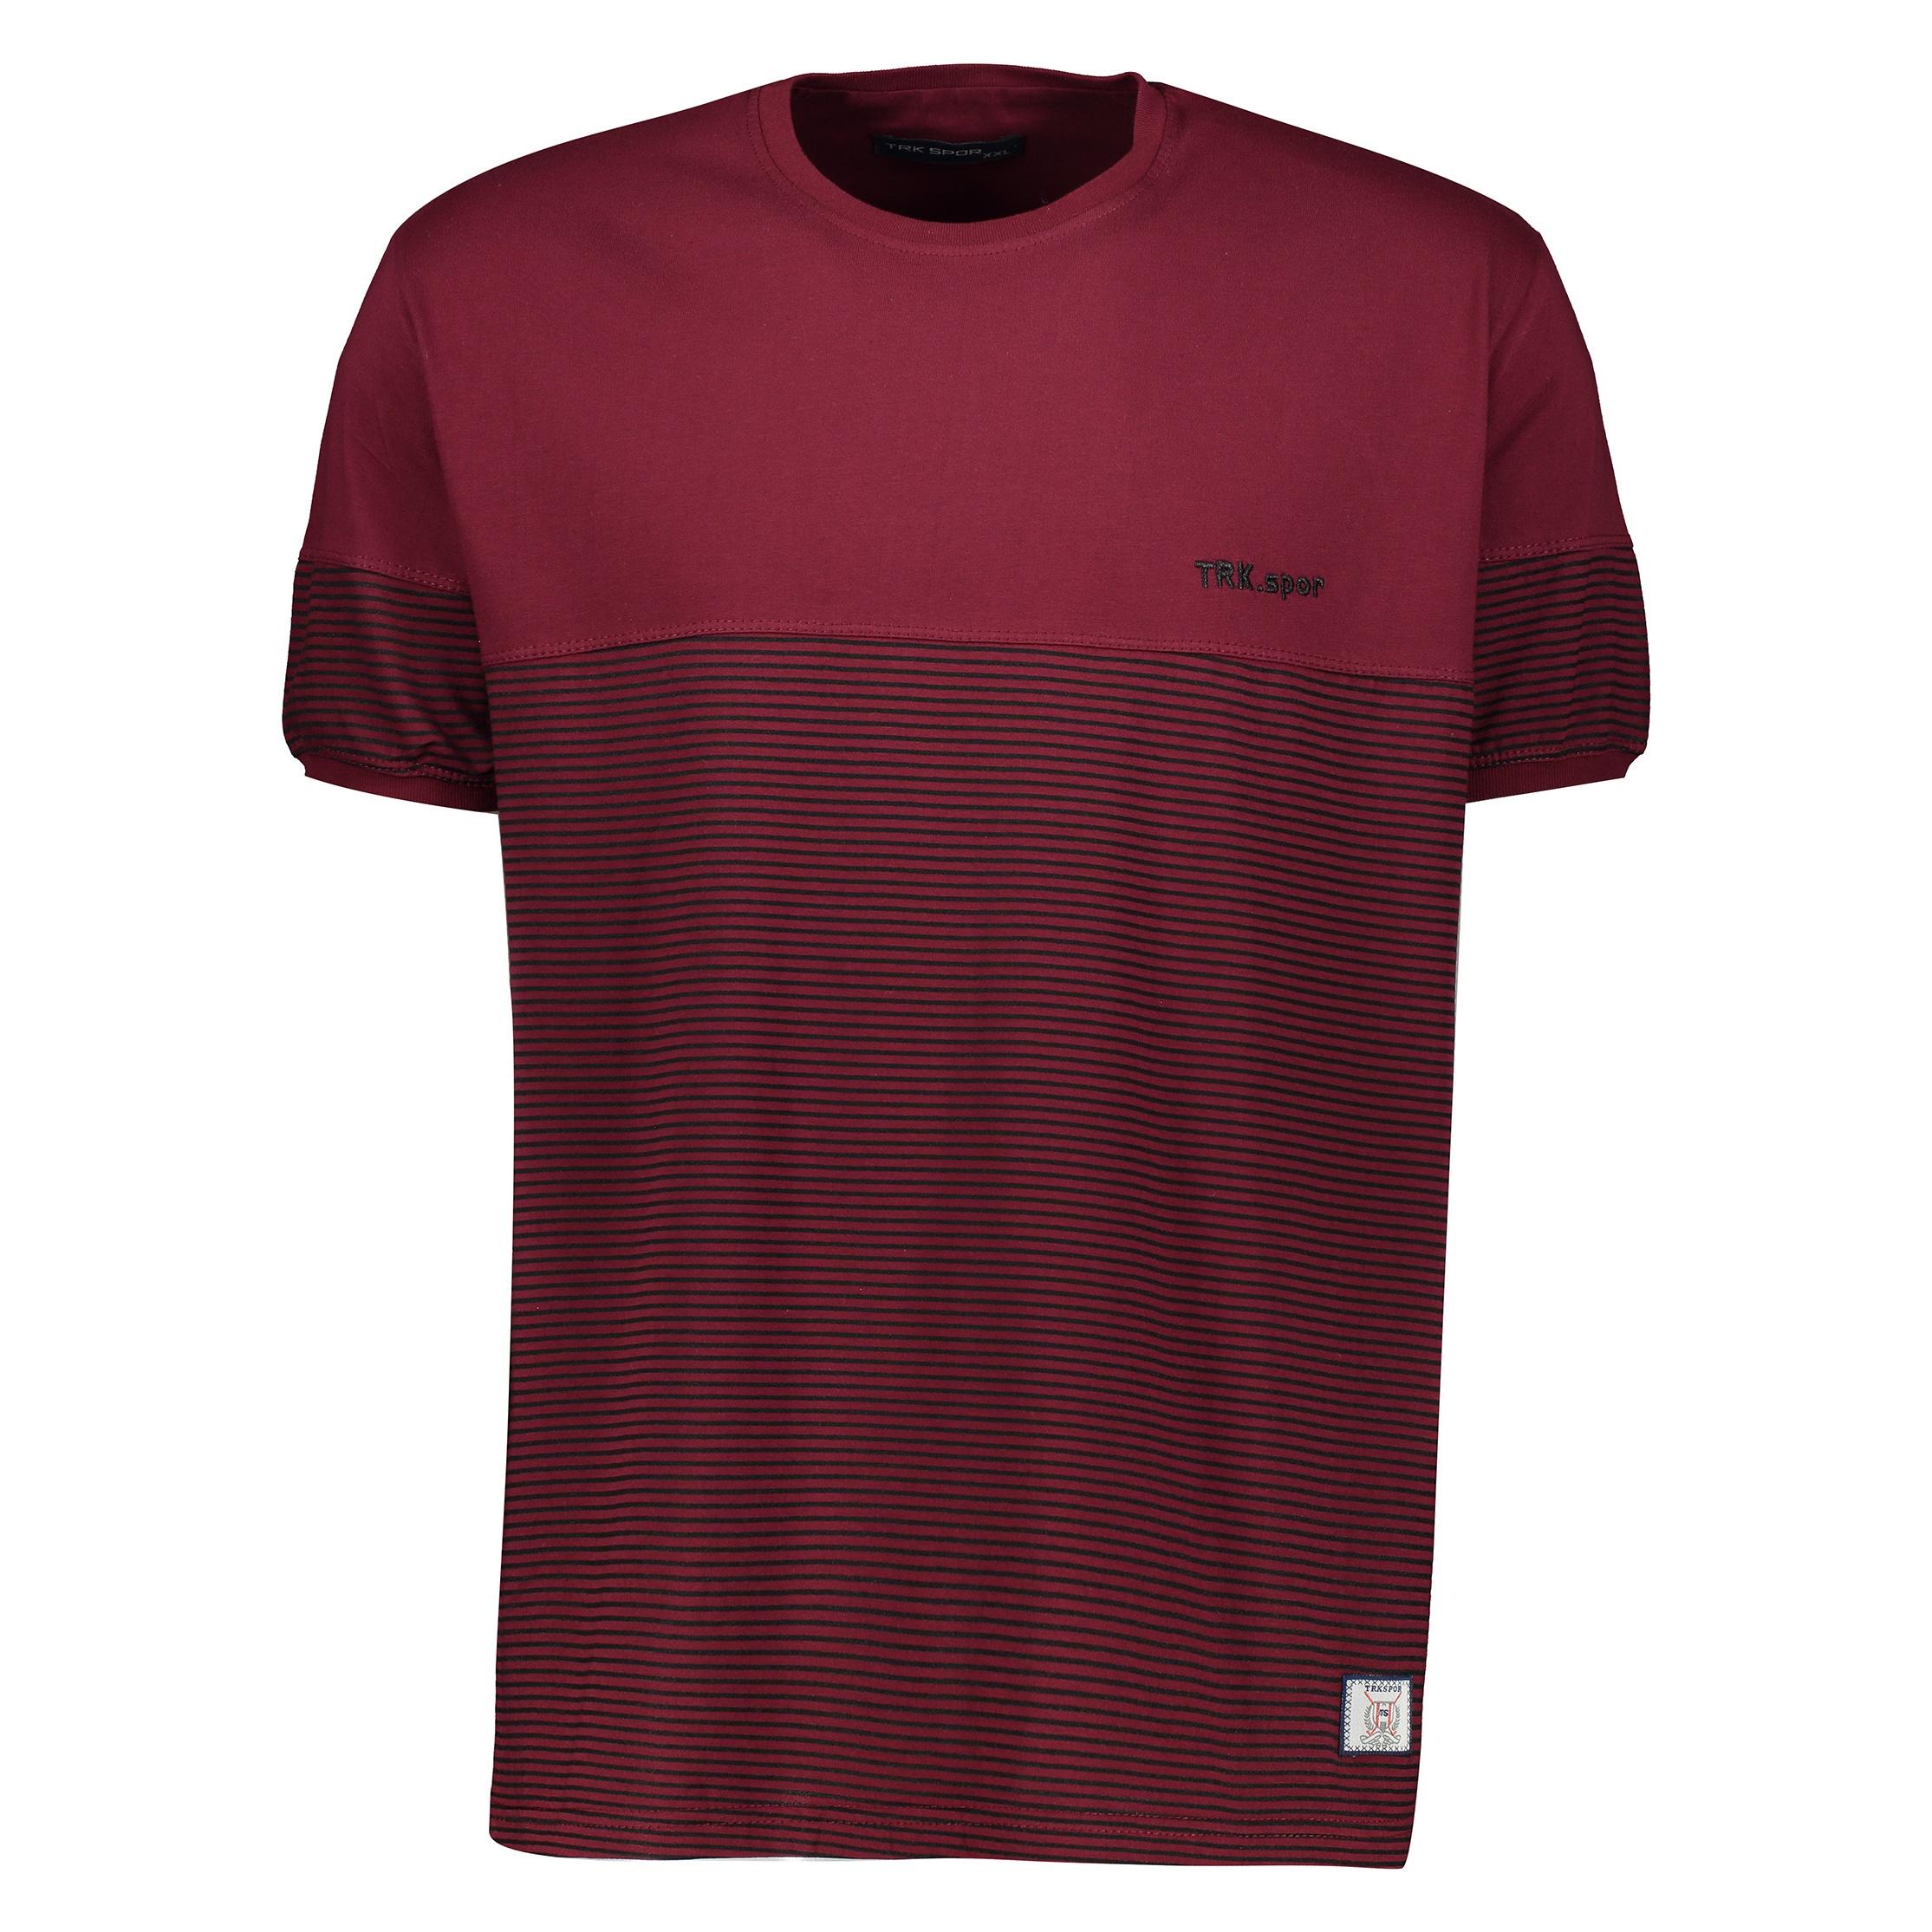 تی شرت آستین کوتاه مردانه تارکان کد 336-4